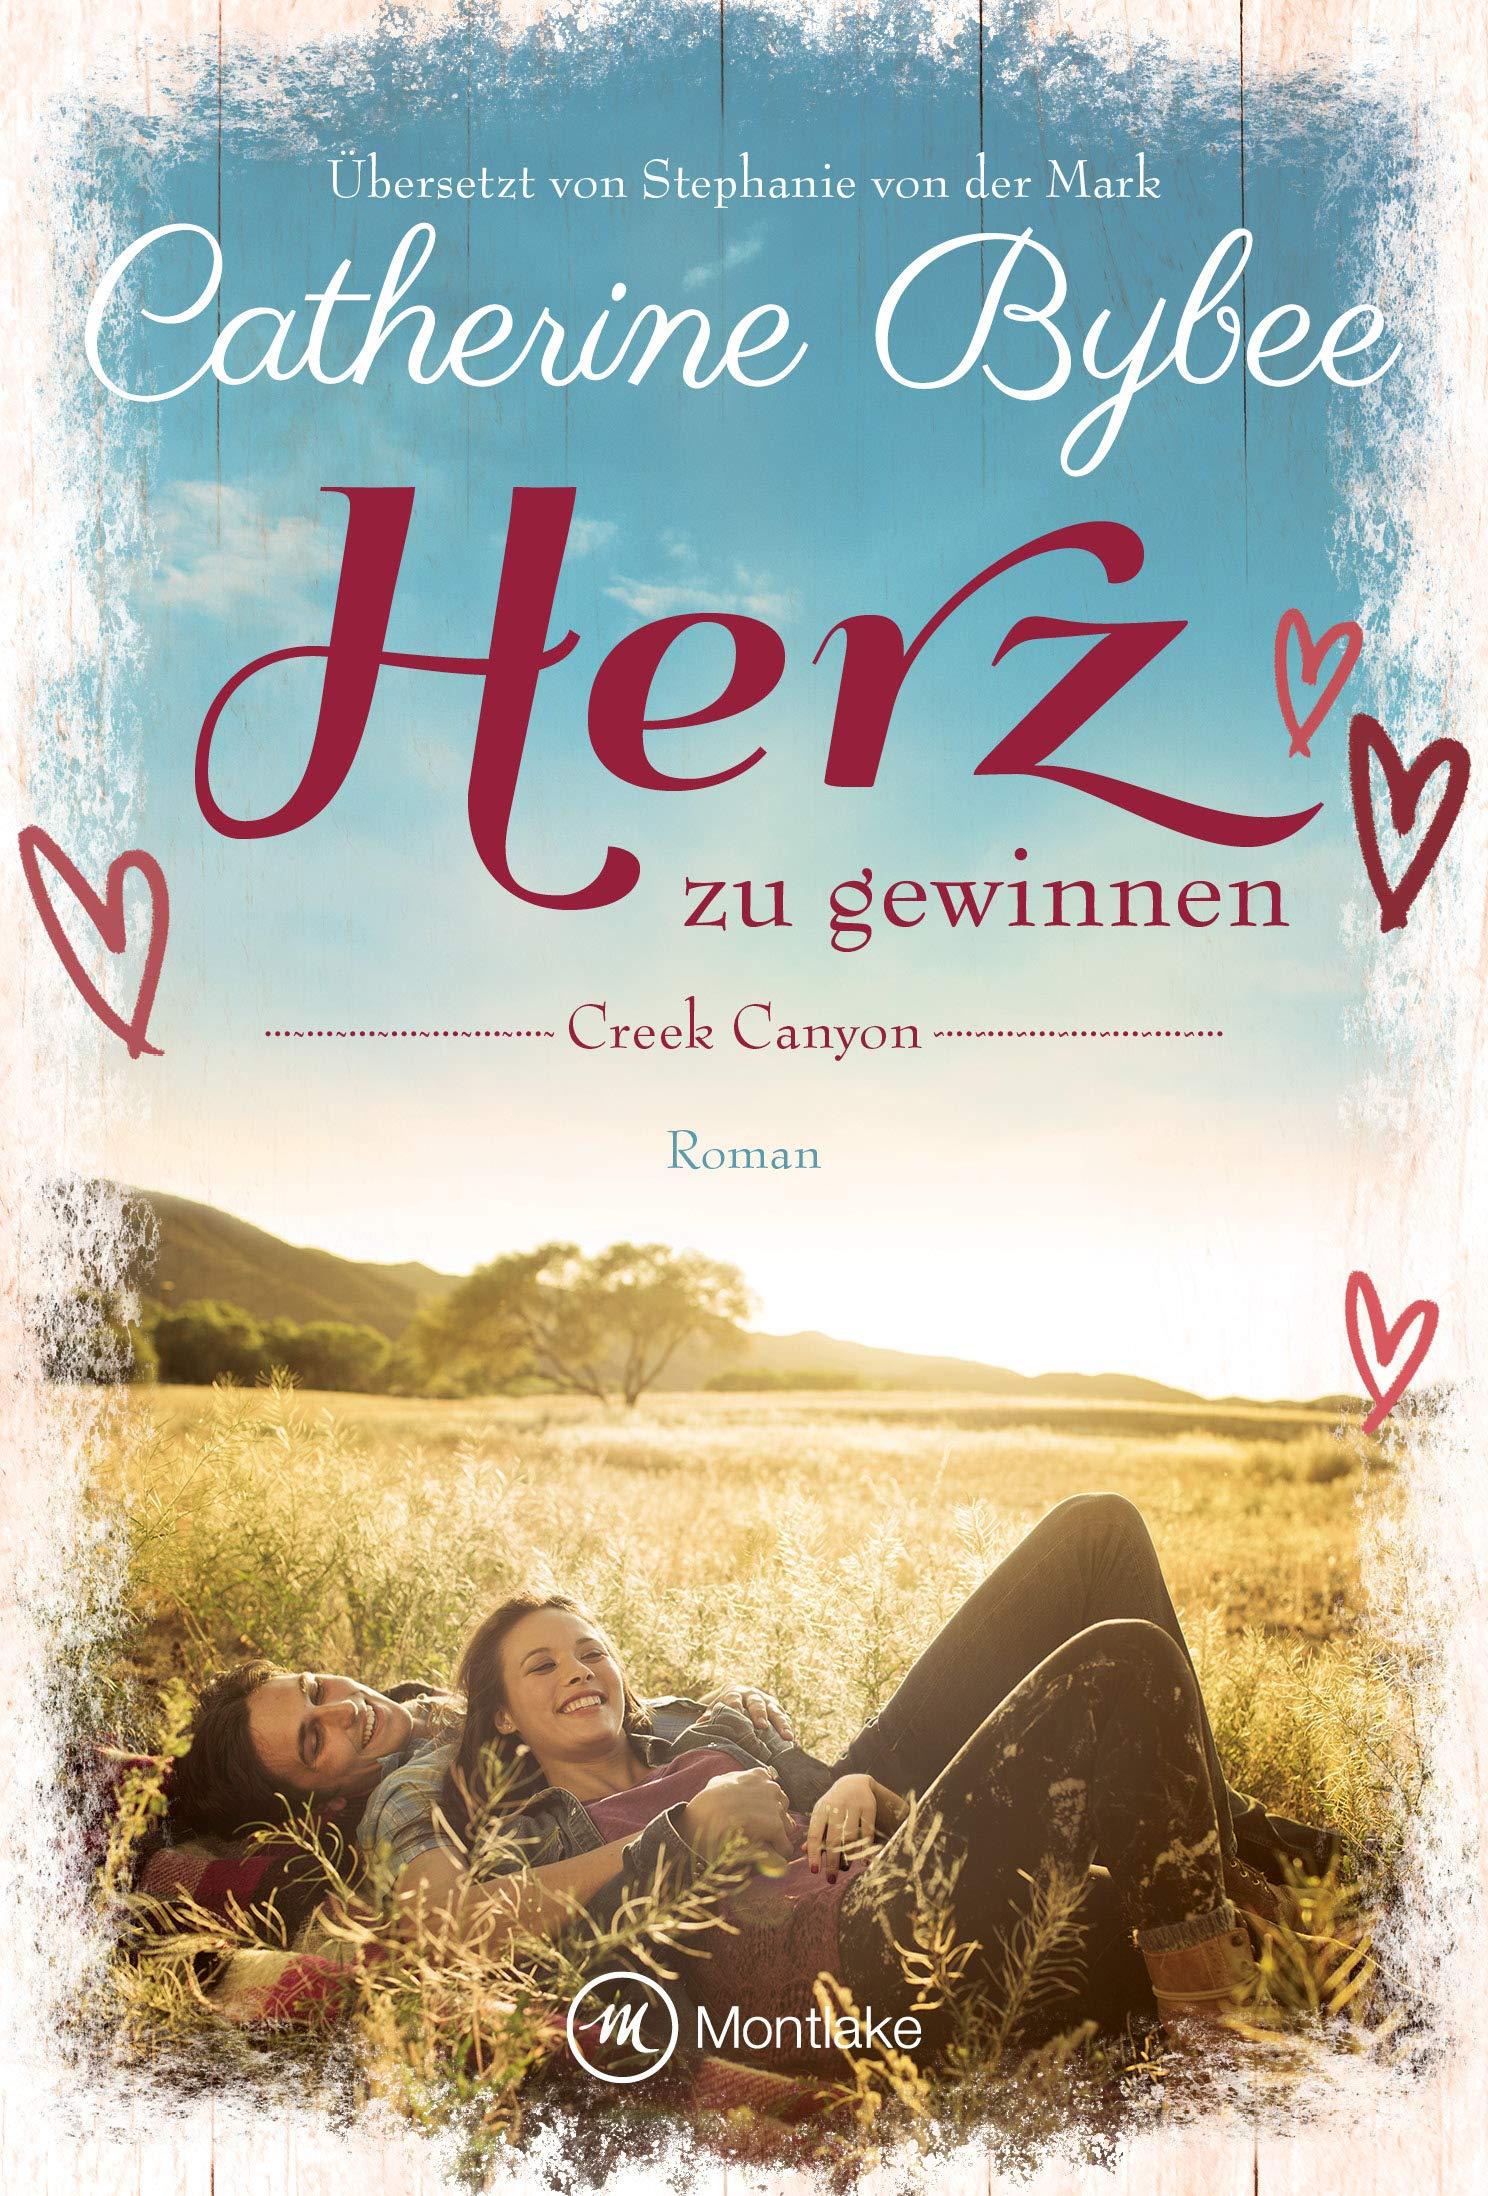 single ab samstag hörbuch kostenlos)